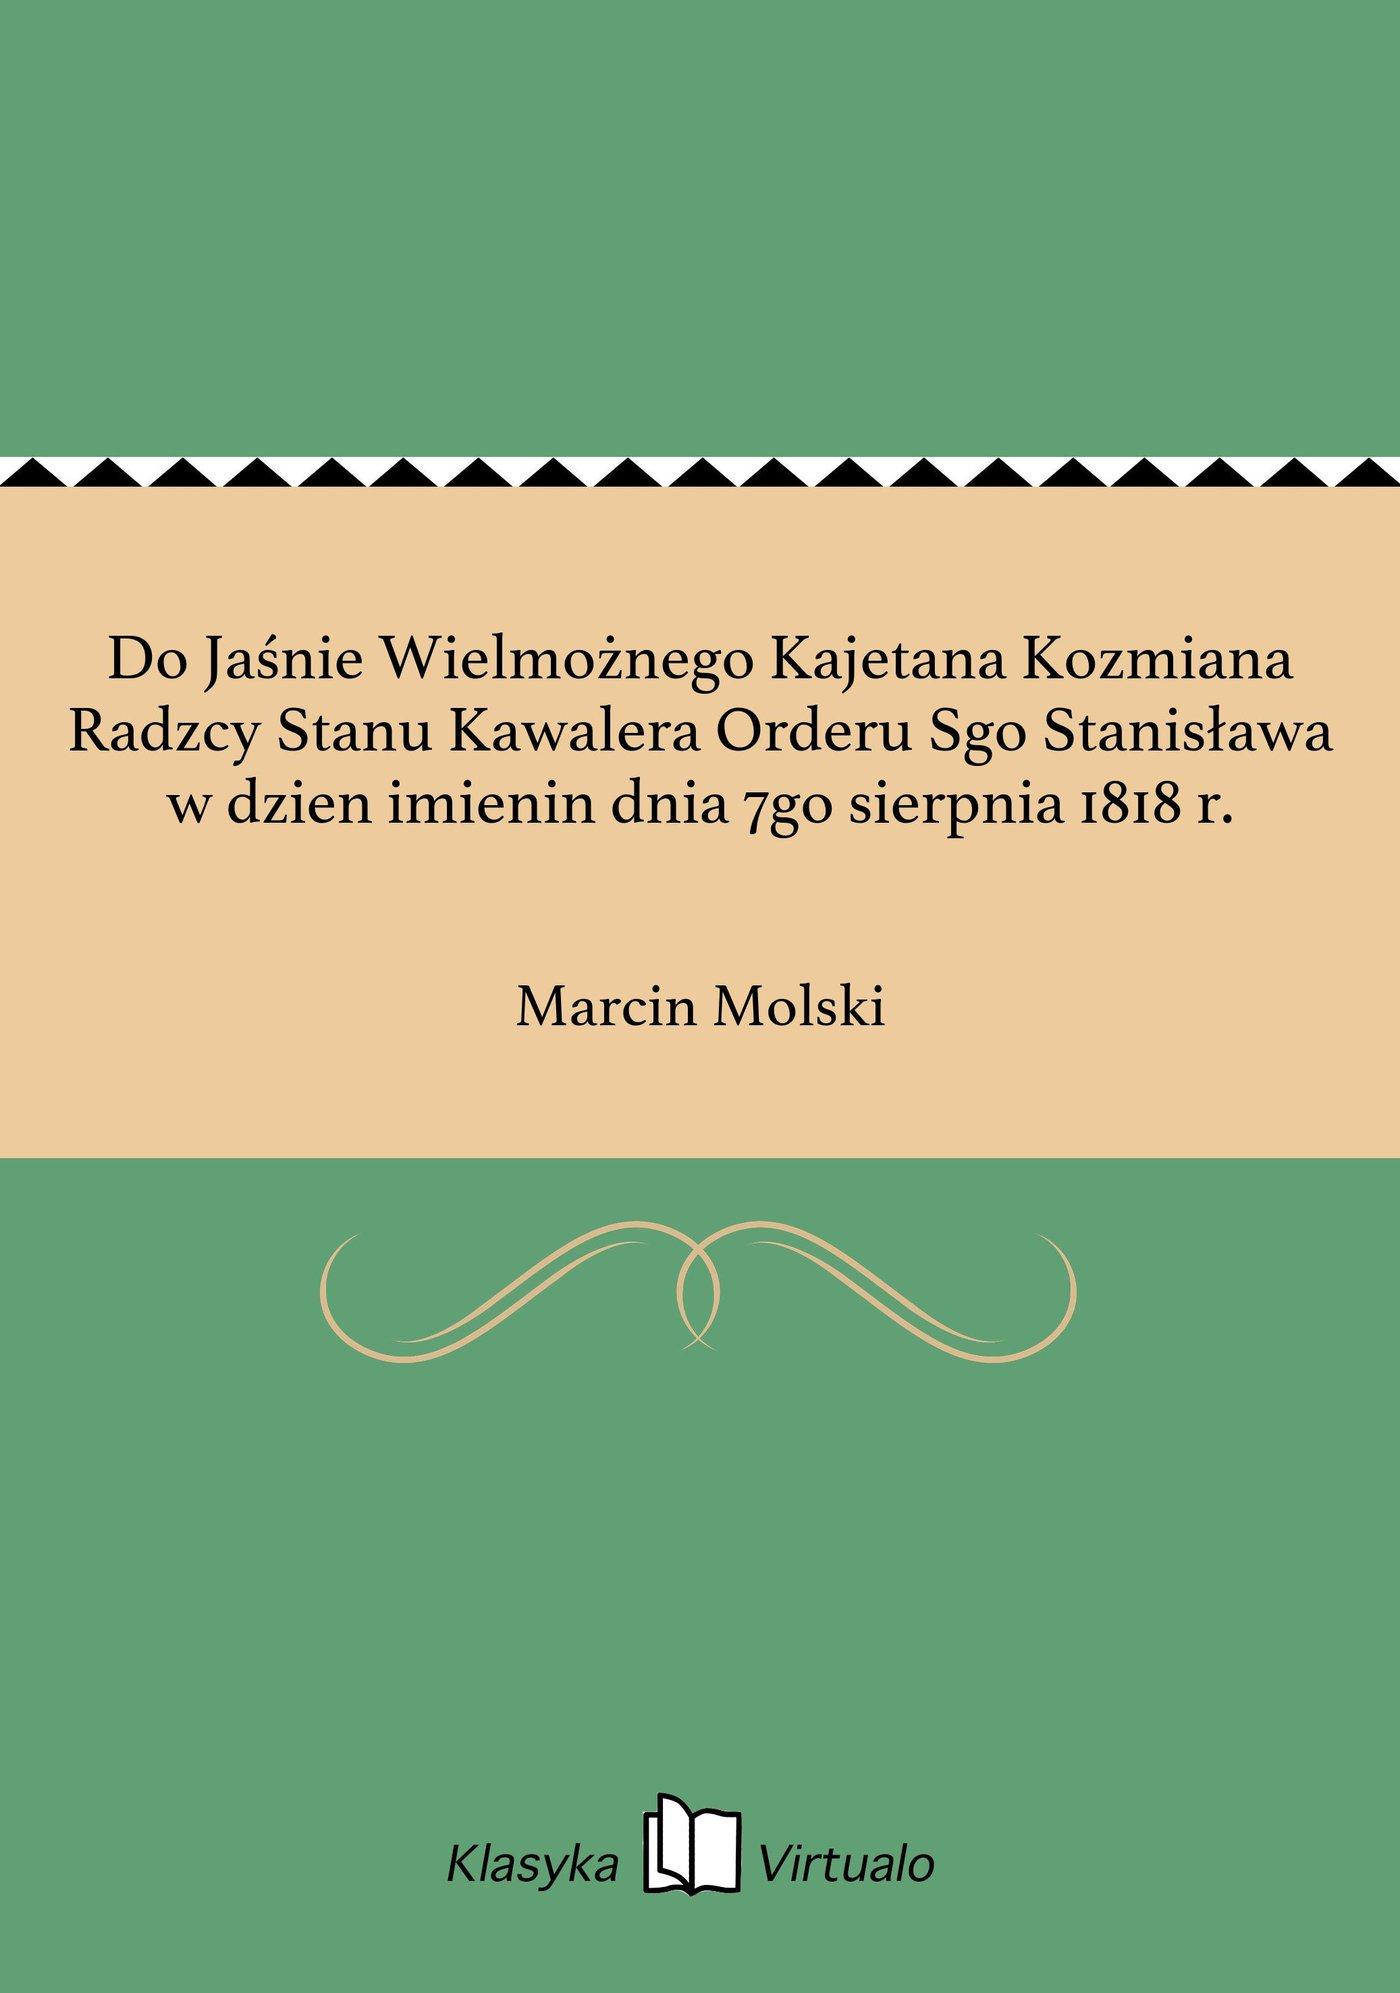 Do Jaśnie Wielmożnego Kajetana Kozmiana Radzcy Stanu Kawalera Orderu Sgo Stanisława w dzien imienin dnia 7go sierpnia 1818 r. - Ebook (Książka na Kindle) do pobrania w formacie MOBI